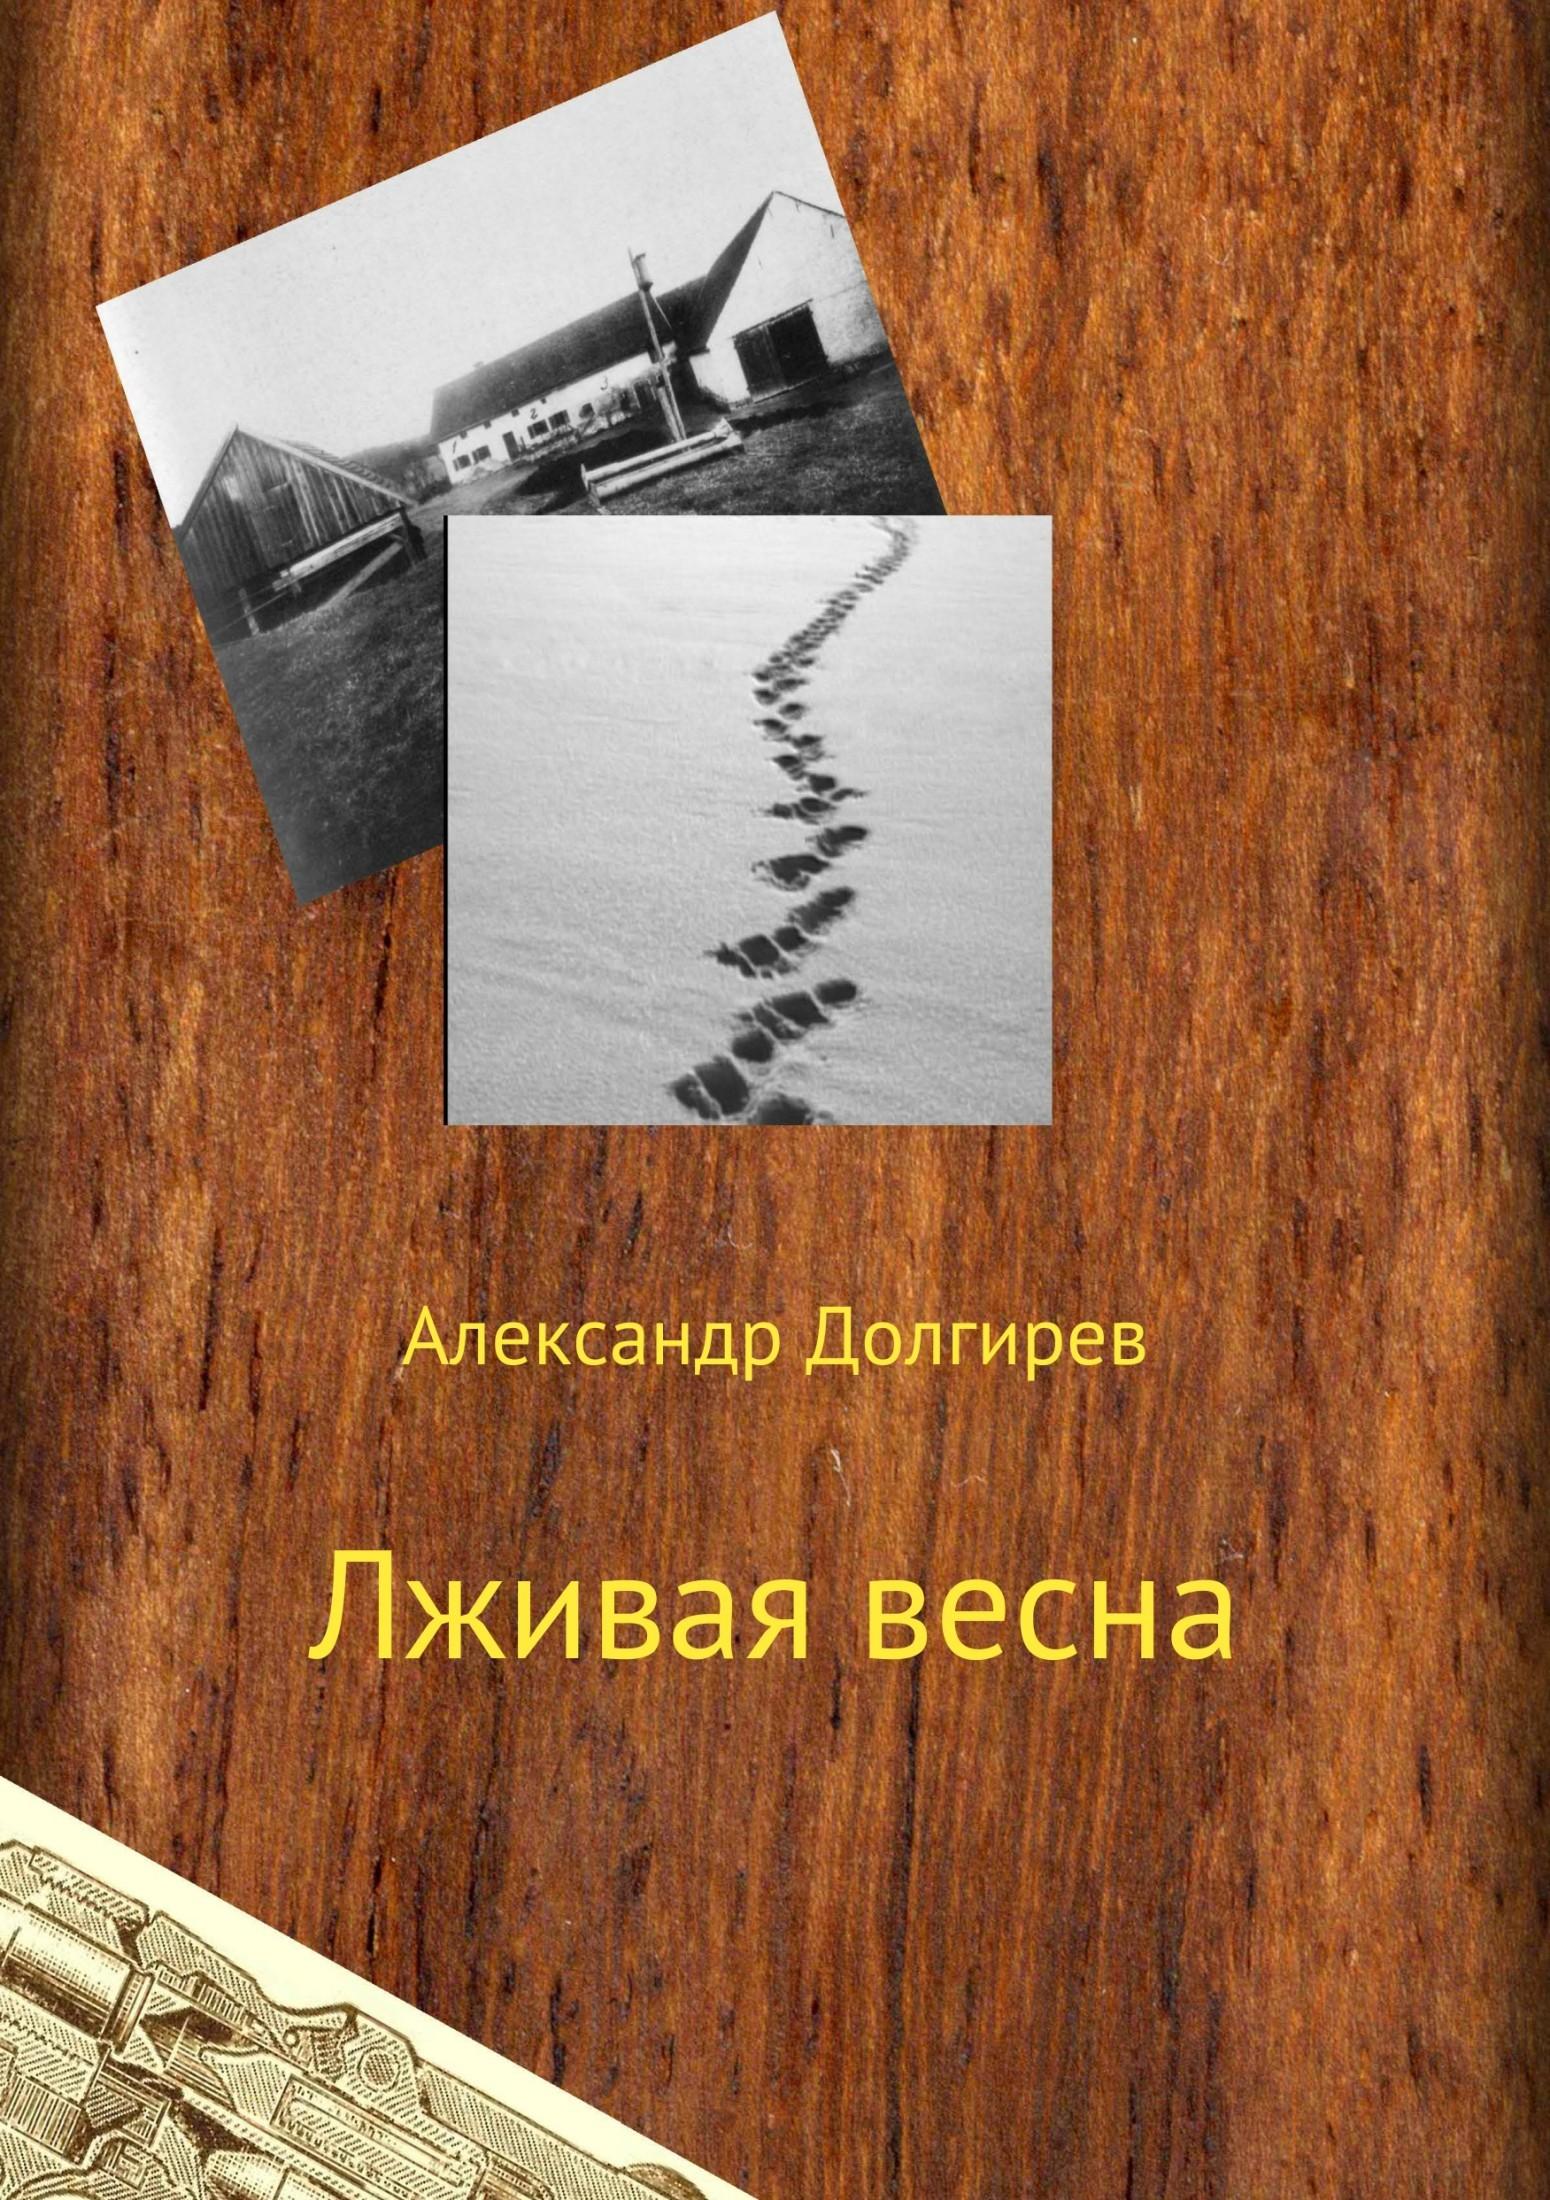 Александр Сергеевич Долгирев. Лживая весна